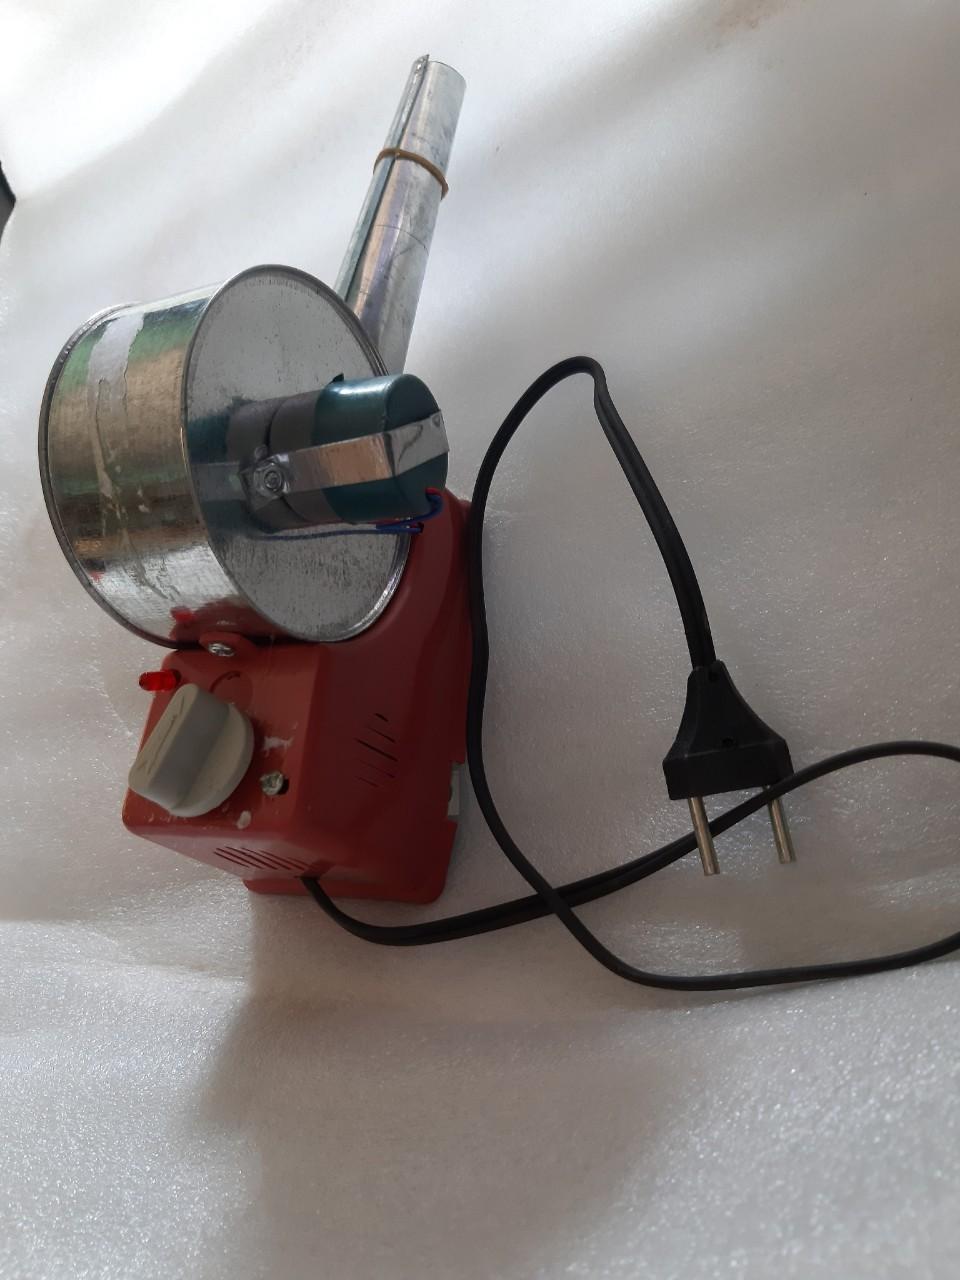 Quạt khò gió mạnh sài bếp nướng than có quạt cấm điện trực tiếp 220v